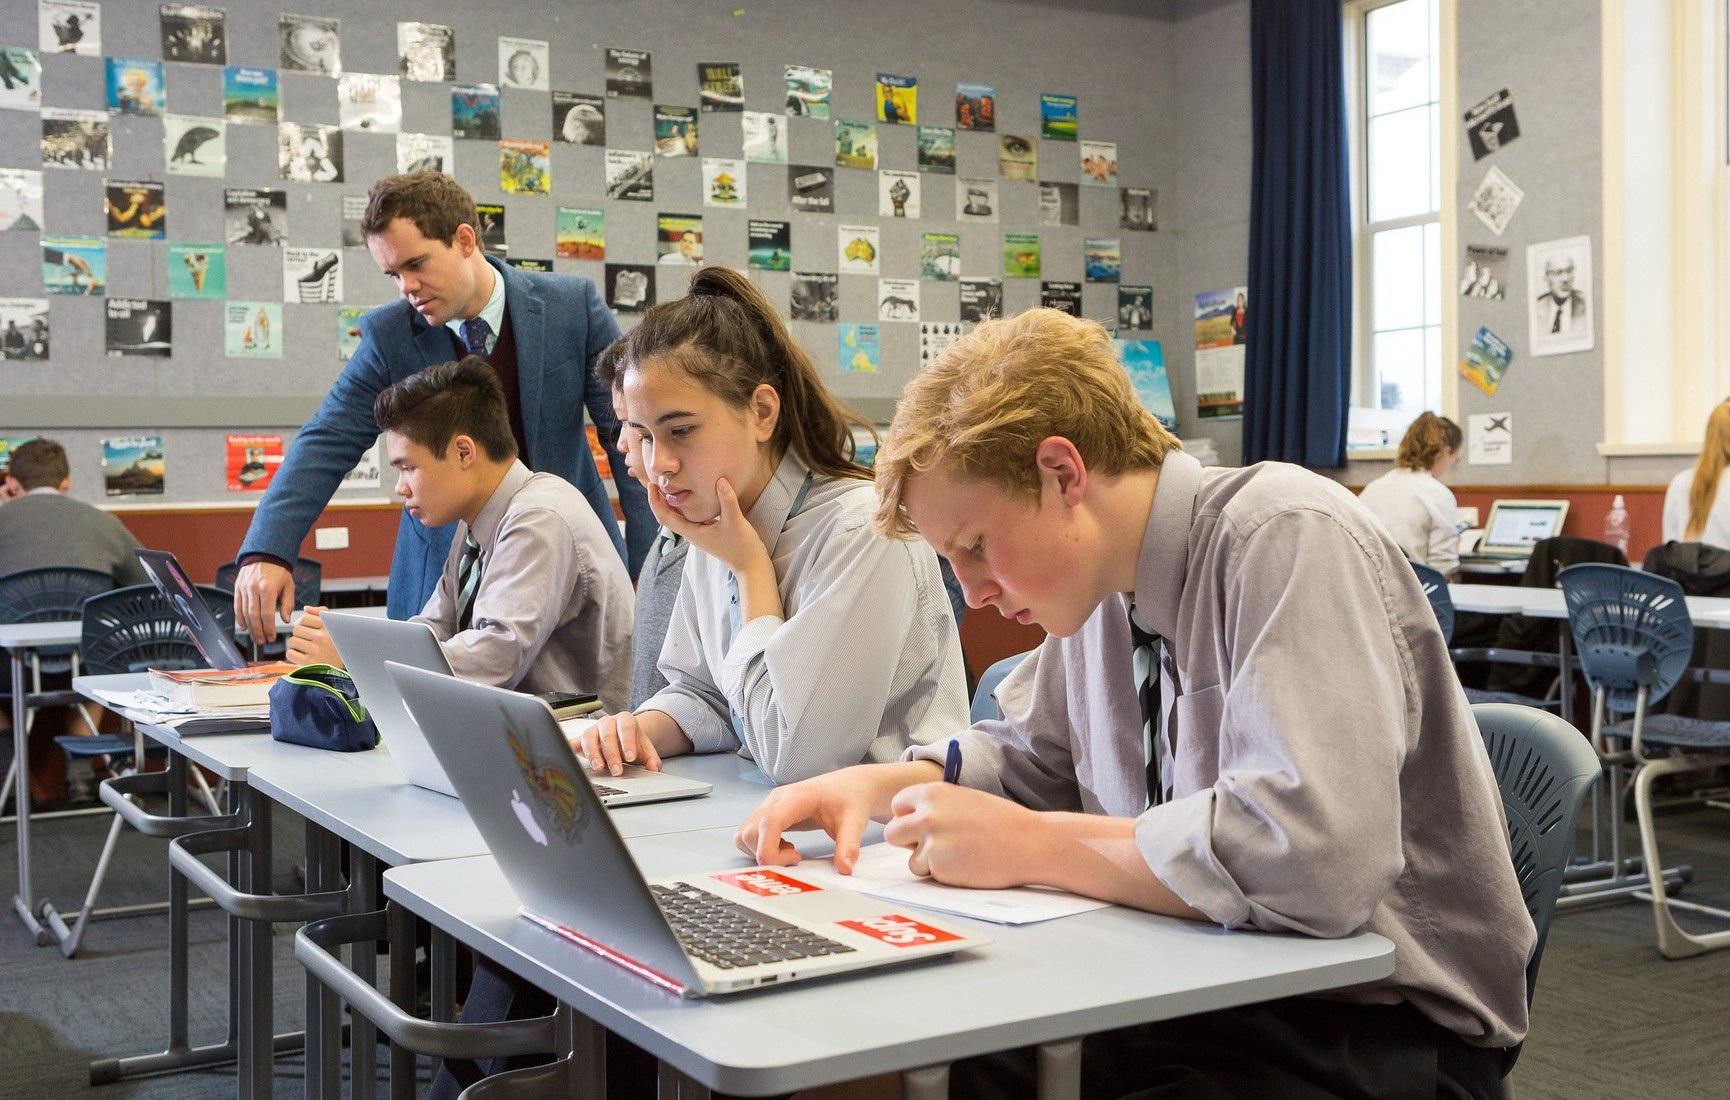 Chính phủ New Zealand cấp học bổng riêng cho học sinh Việt Nam - Ảnh 1.